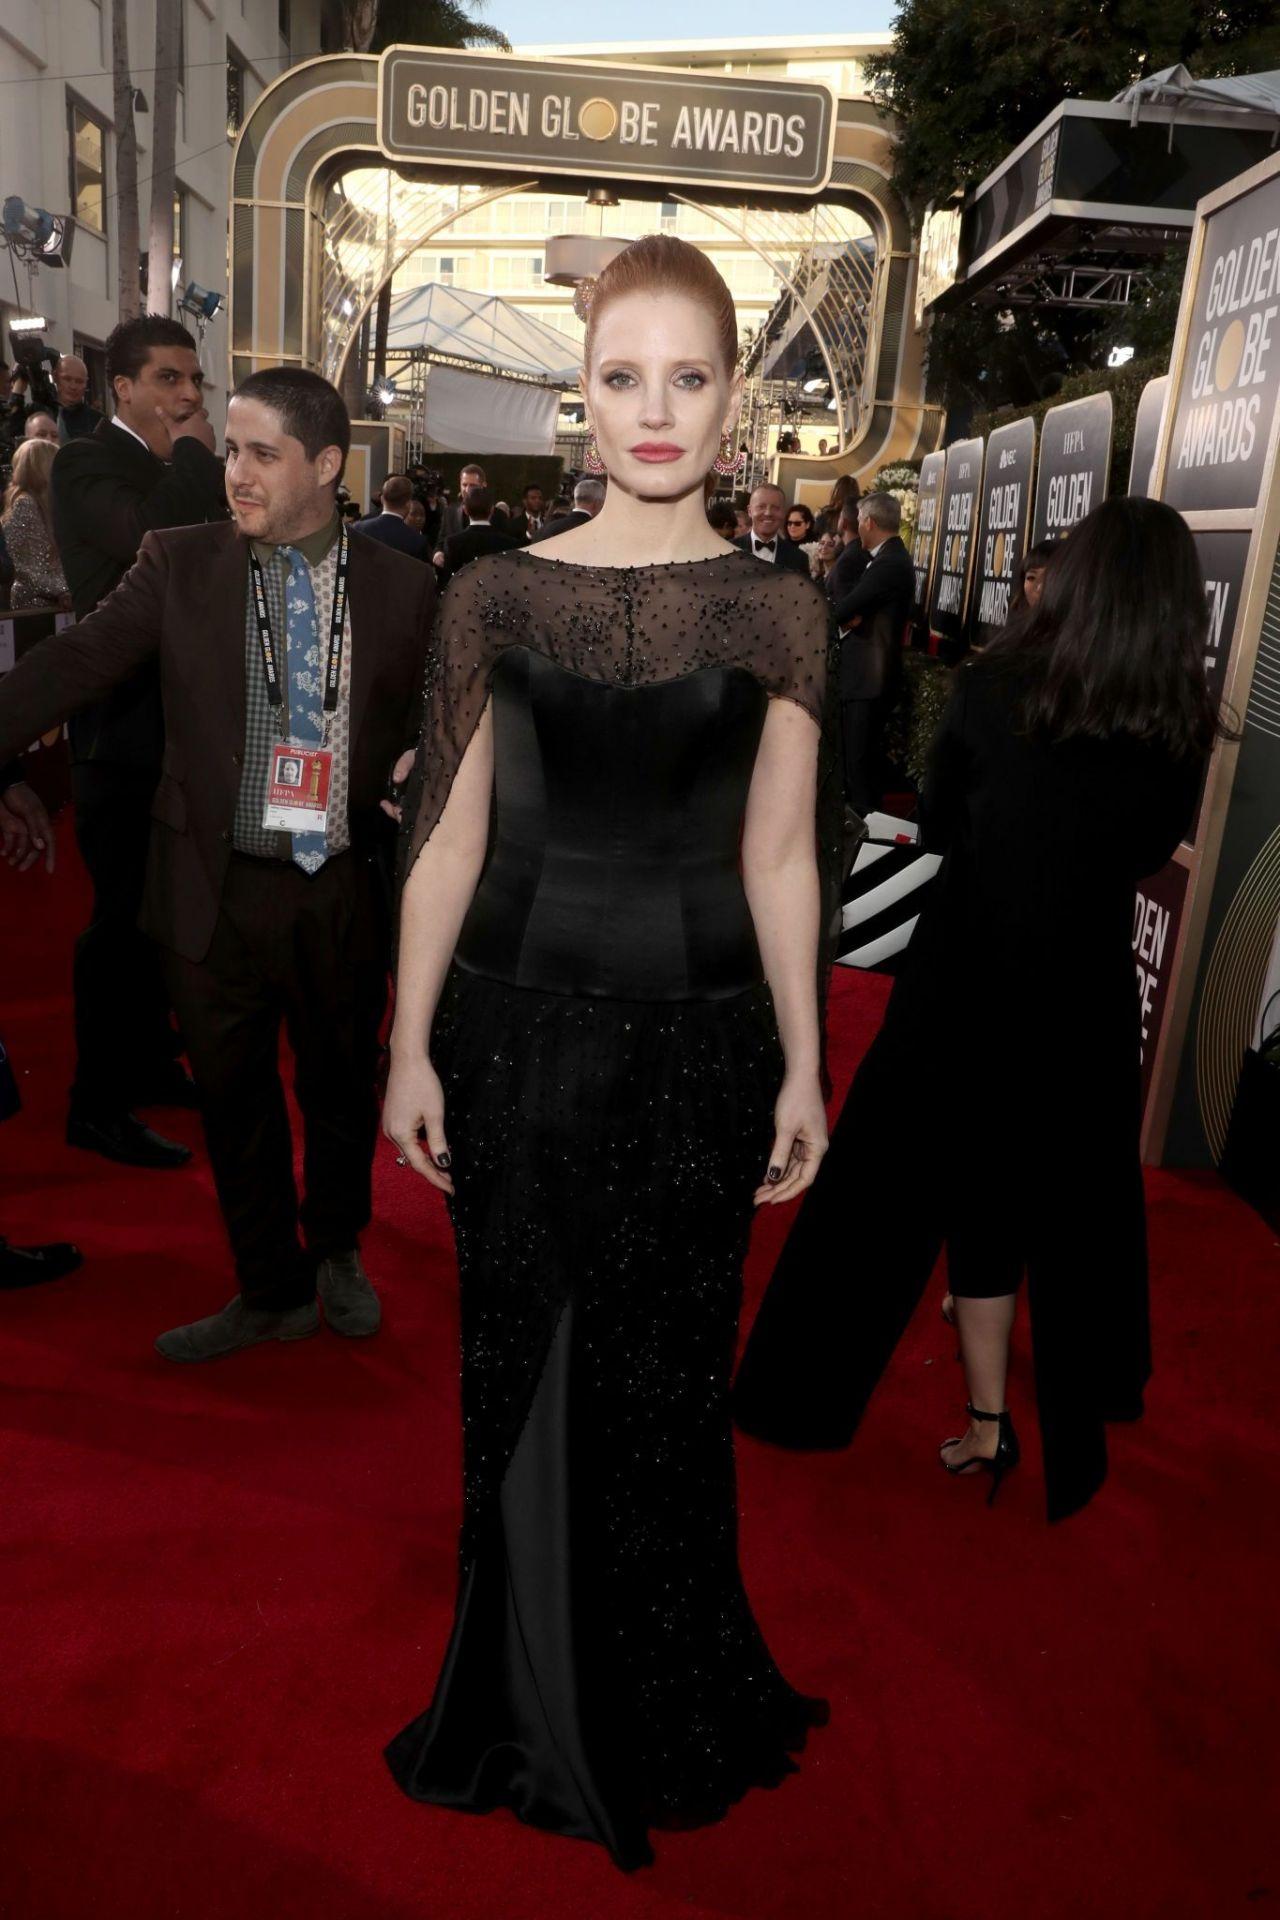 Jessica Chastain 2019 Golden Globe Awards Red Carpet